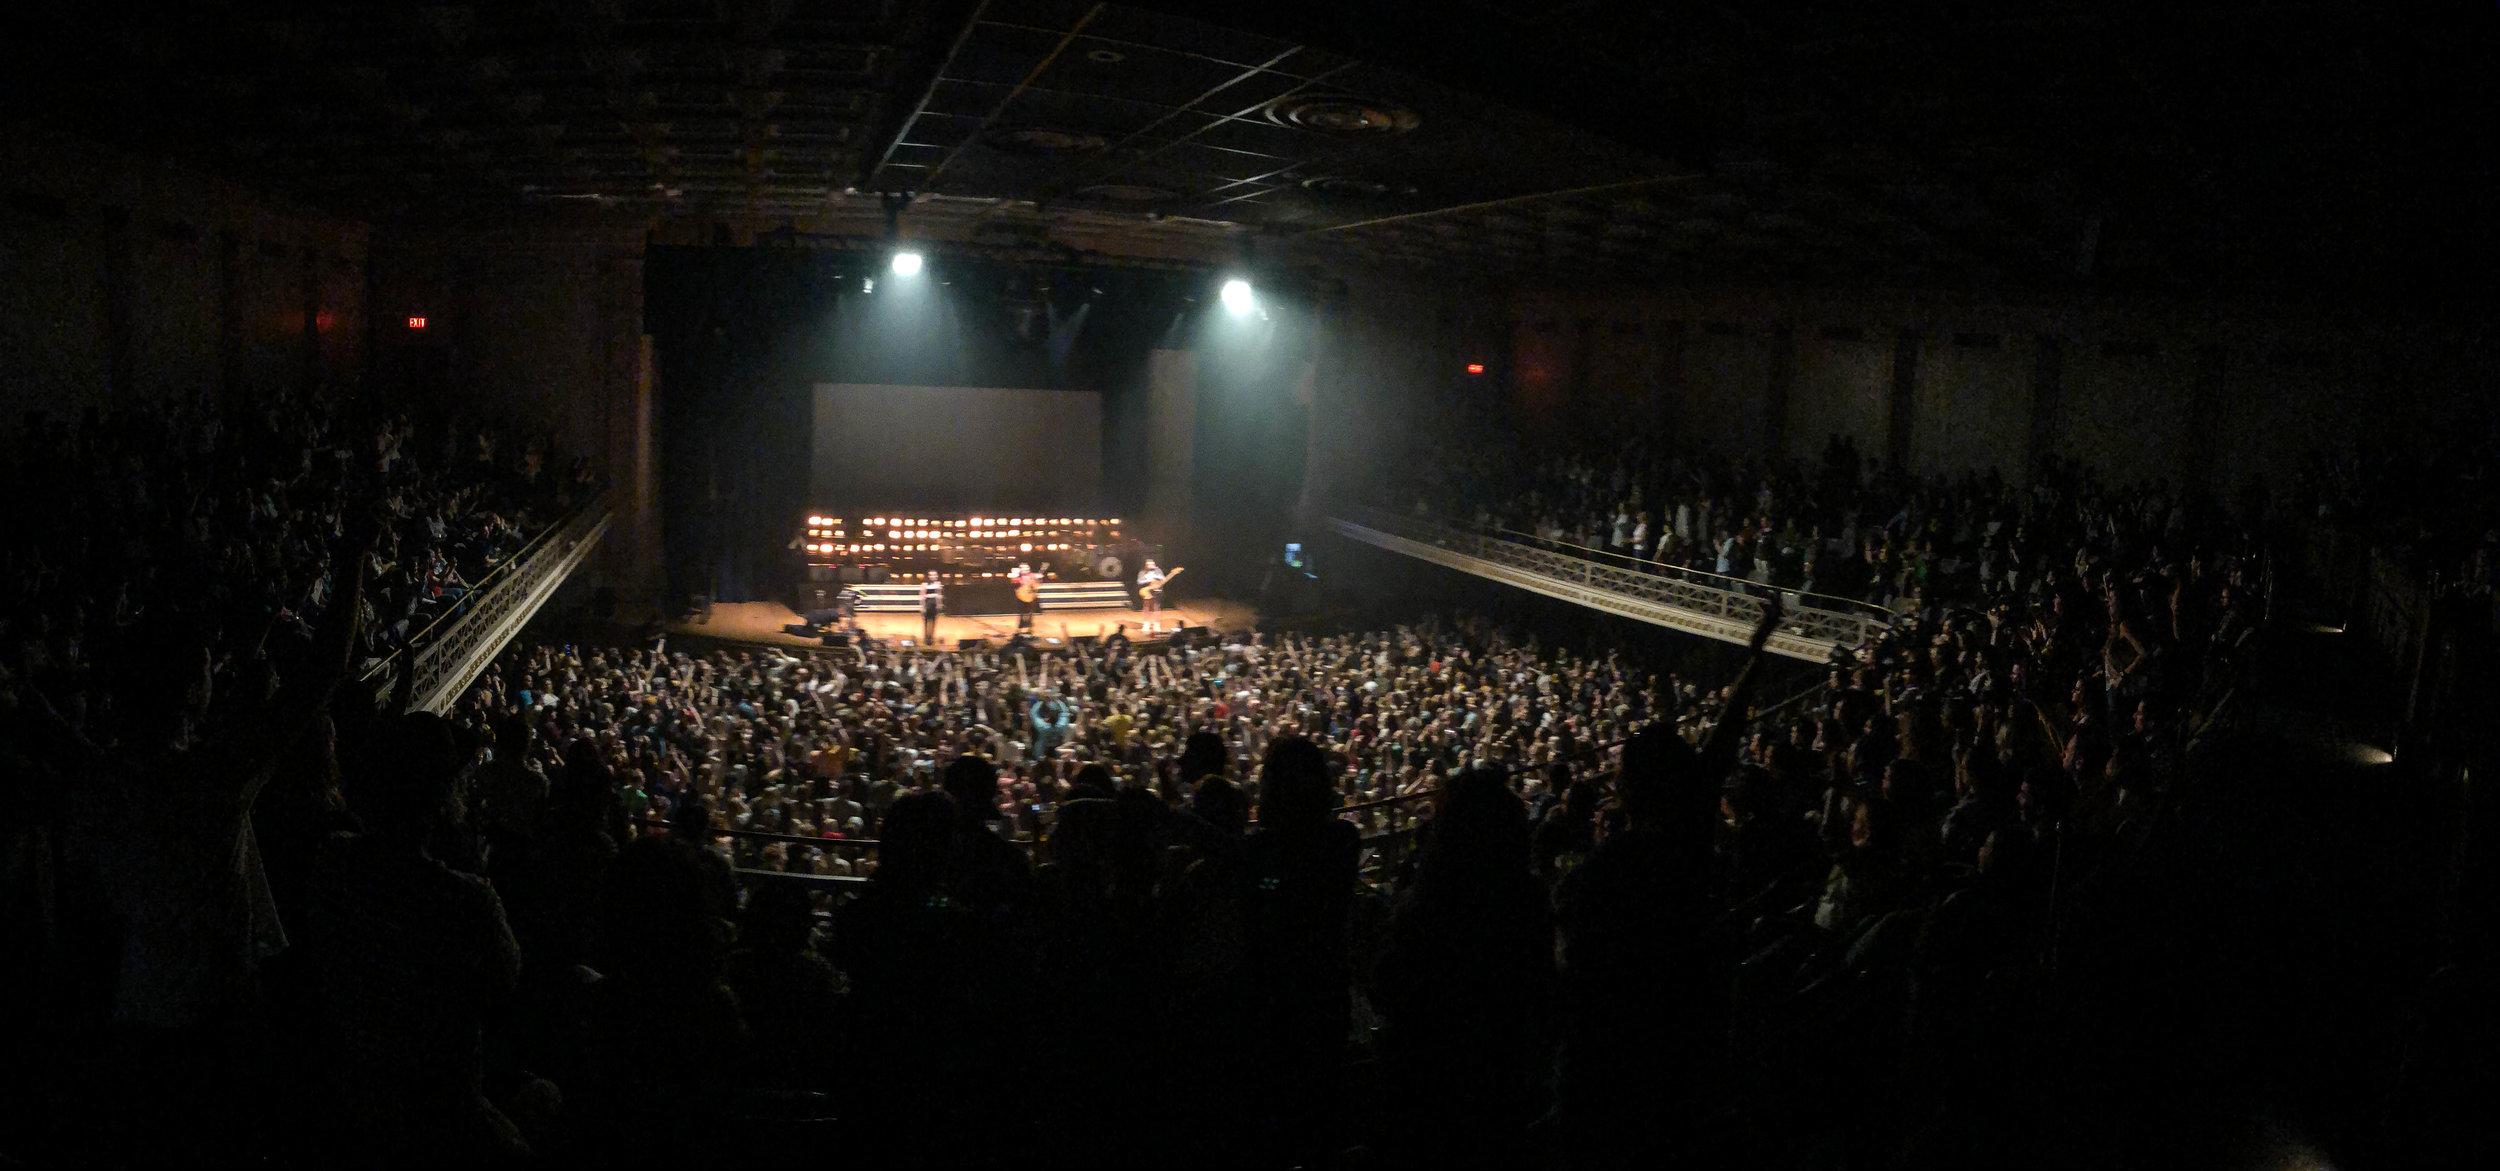 nashville-war-memorial-auditorium-2.jpg